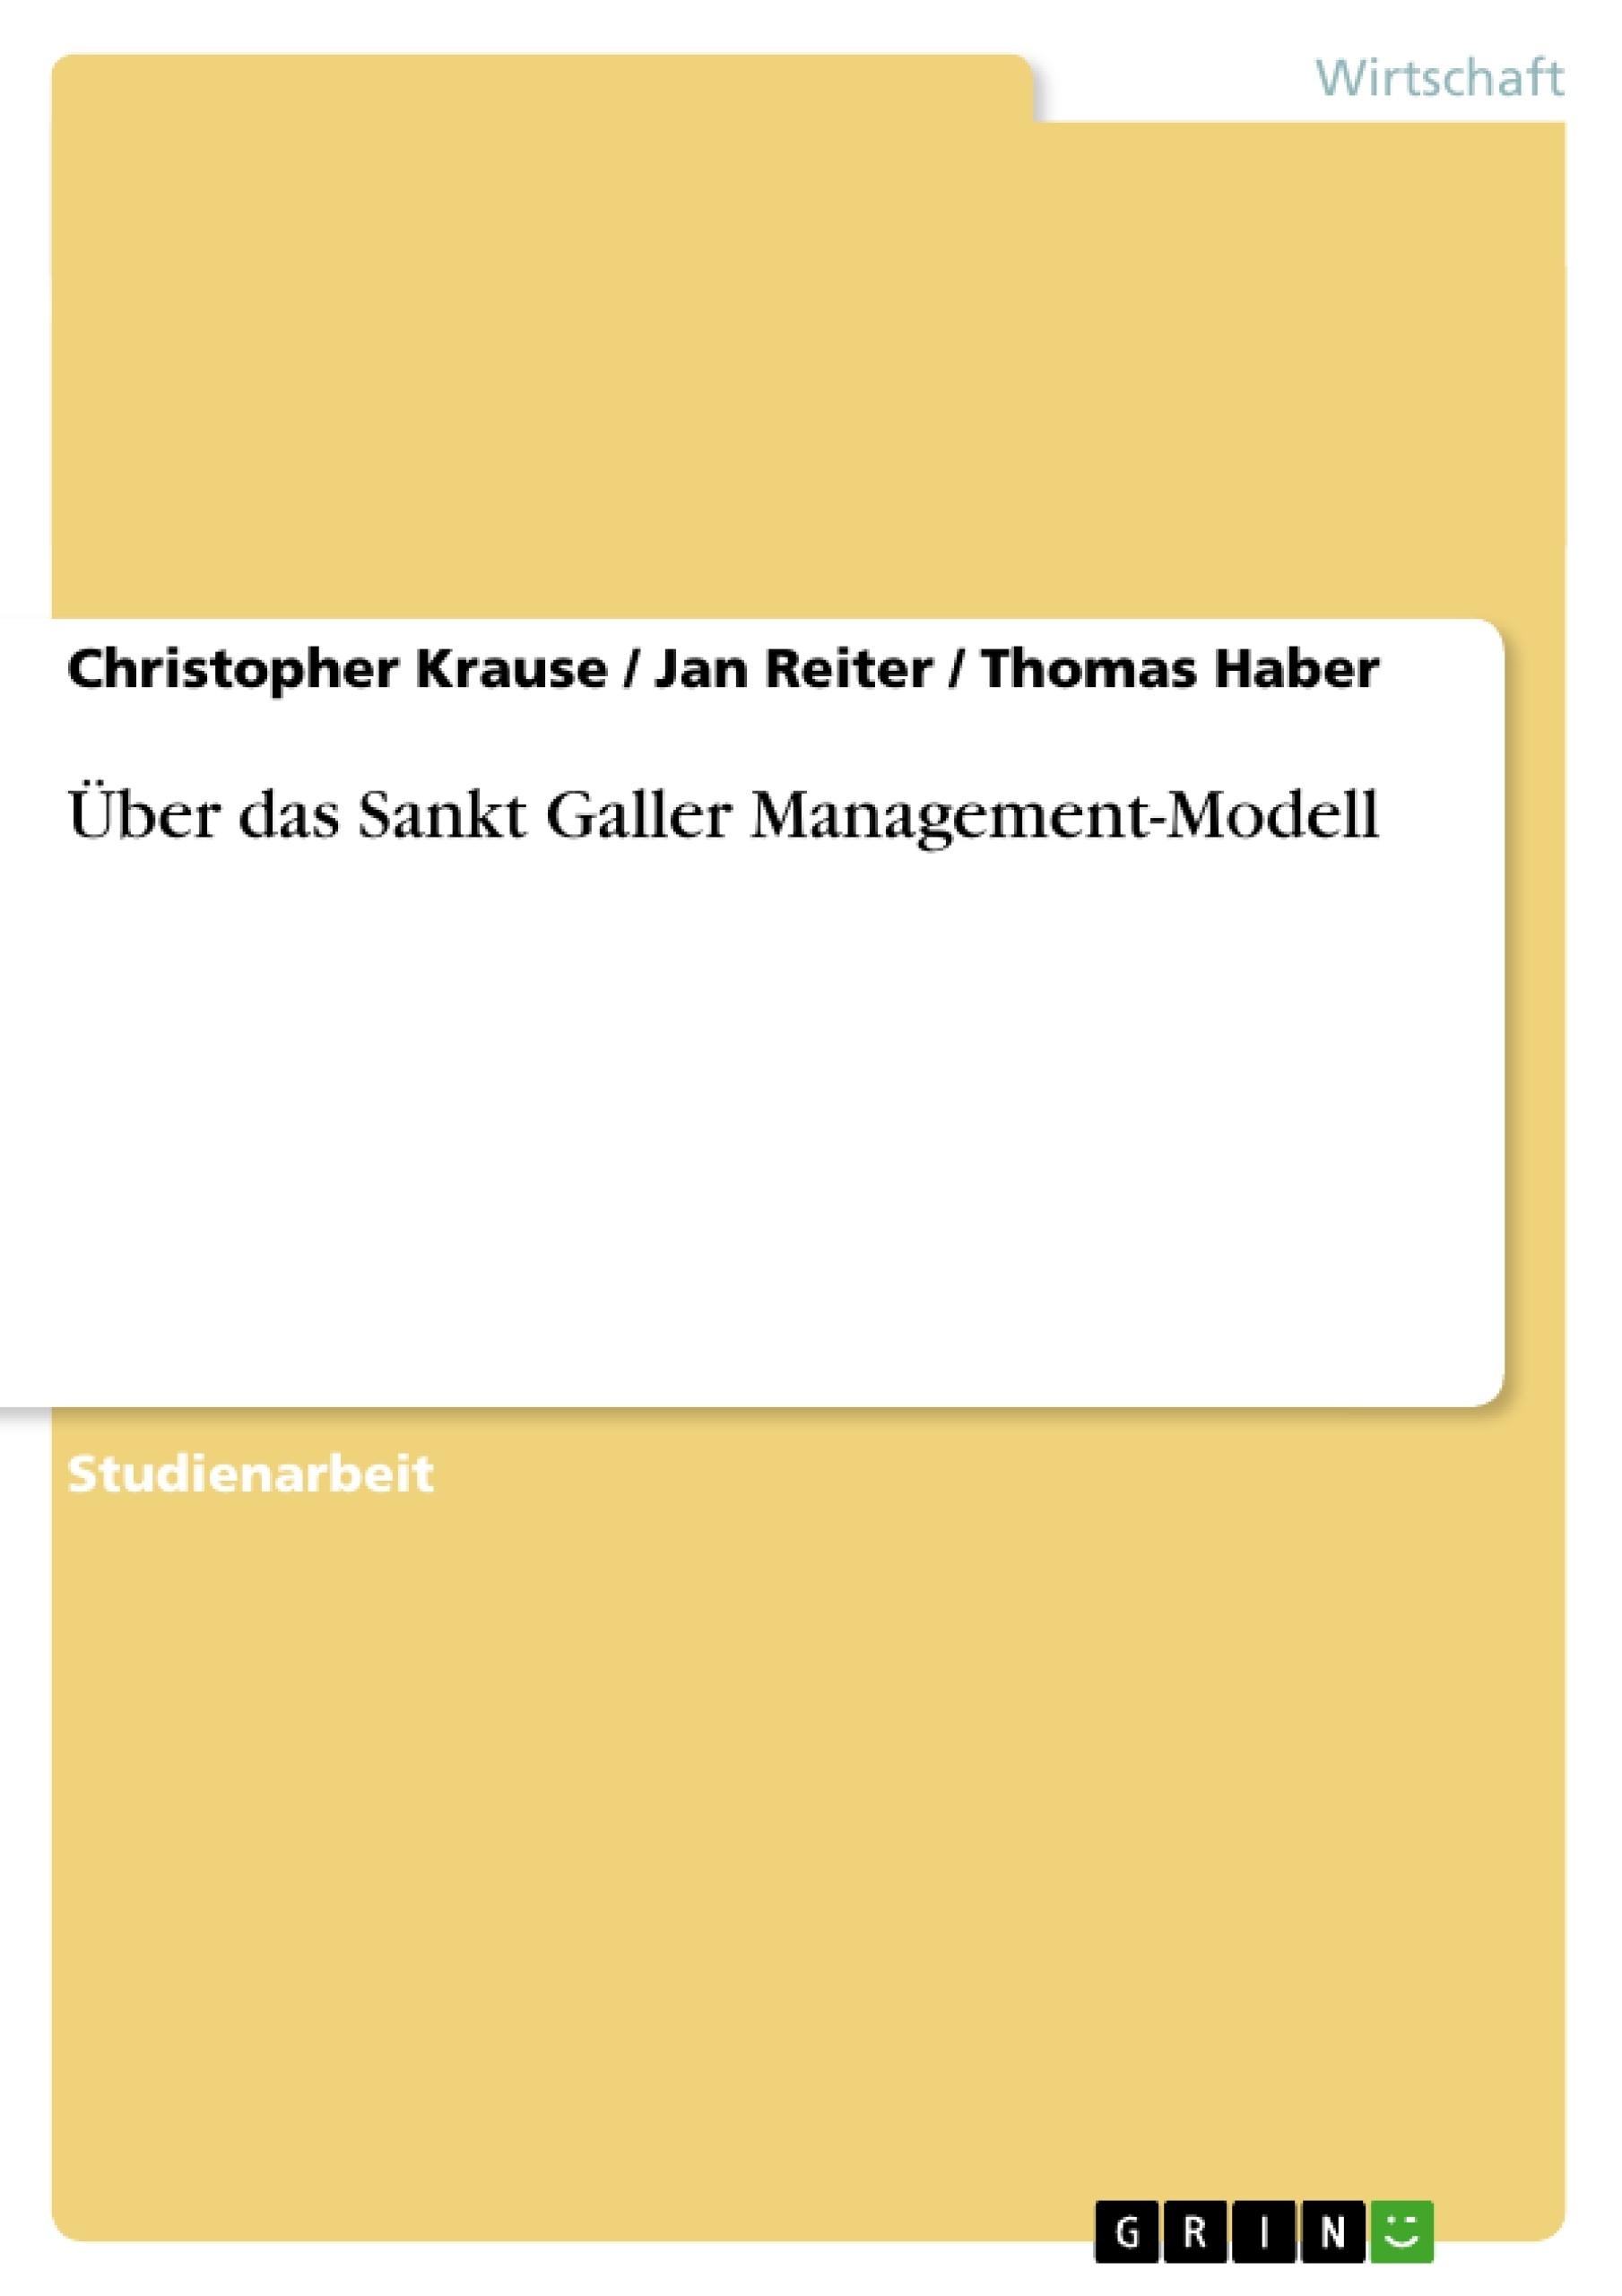 Titel: Über das Sankt Galler Management-Modell